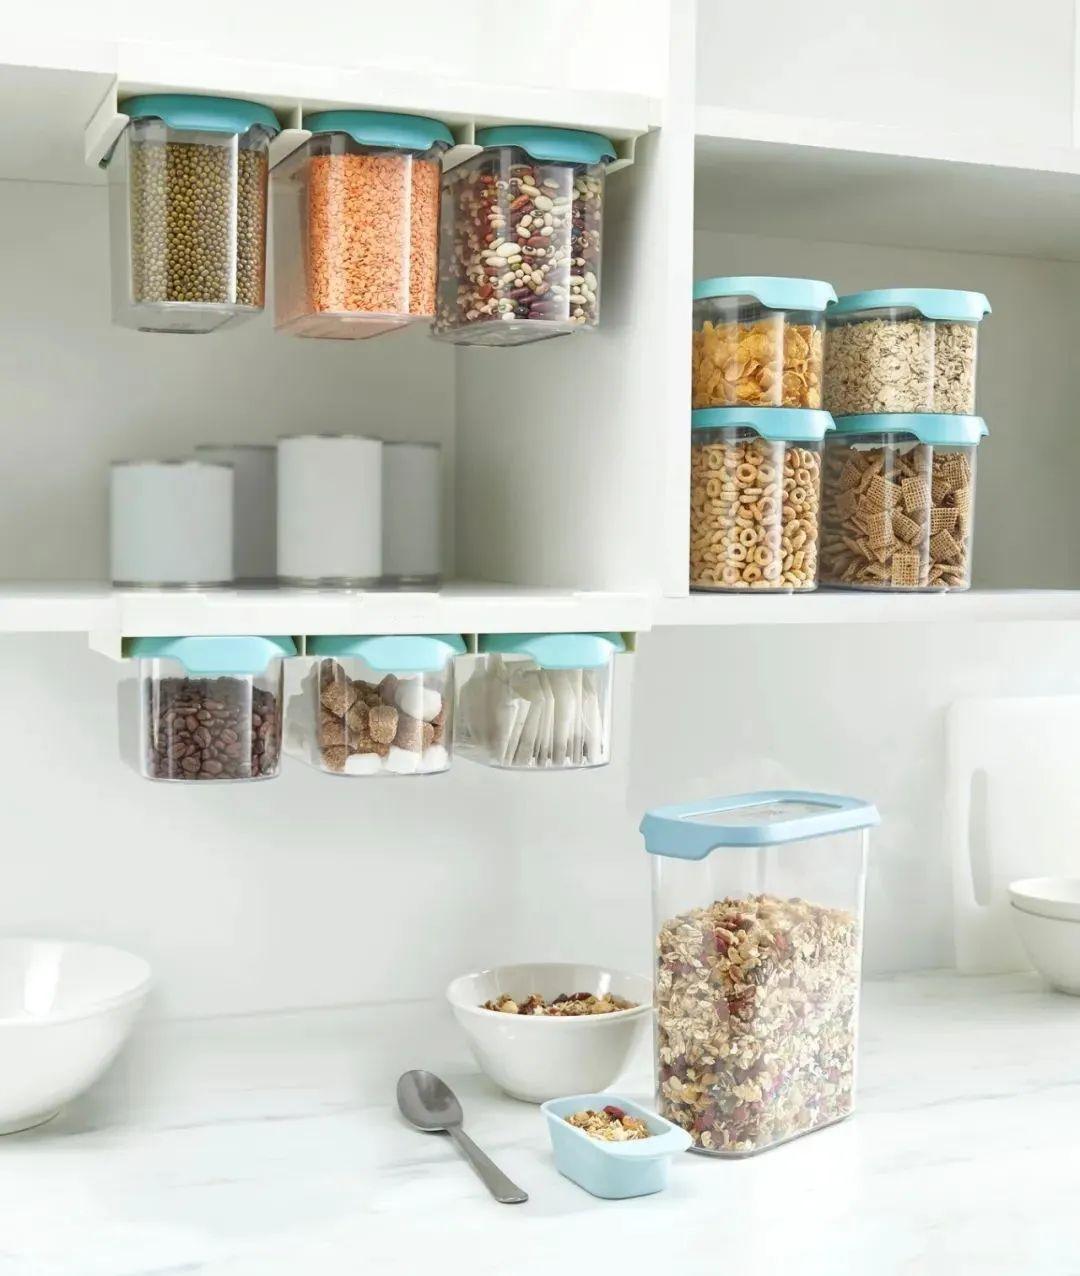 盘点厨房里的那些极致细节设计